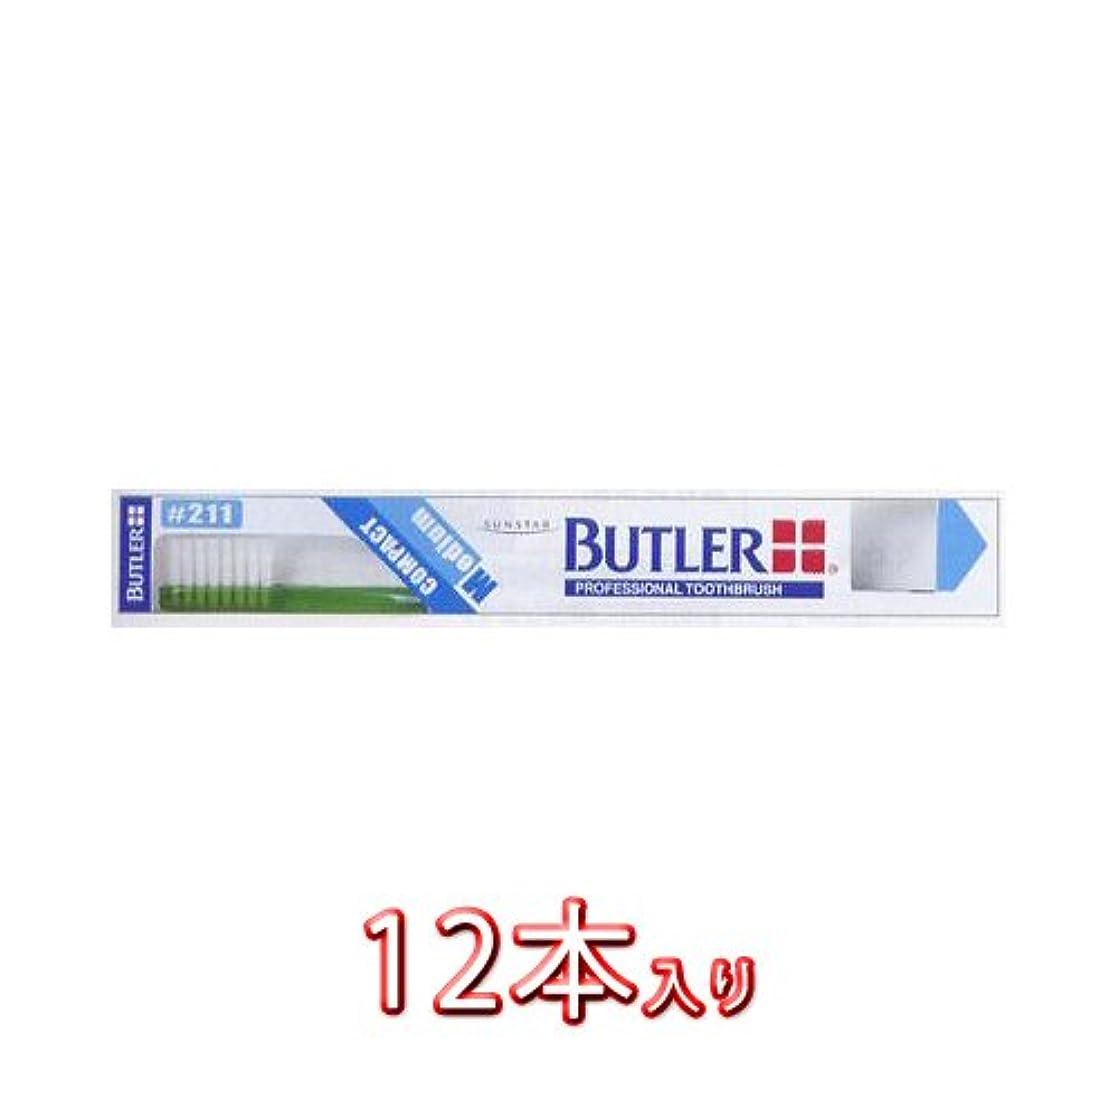 言うまでもなくお互い輝度バトラー 歯ブラシ #211 12本入